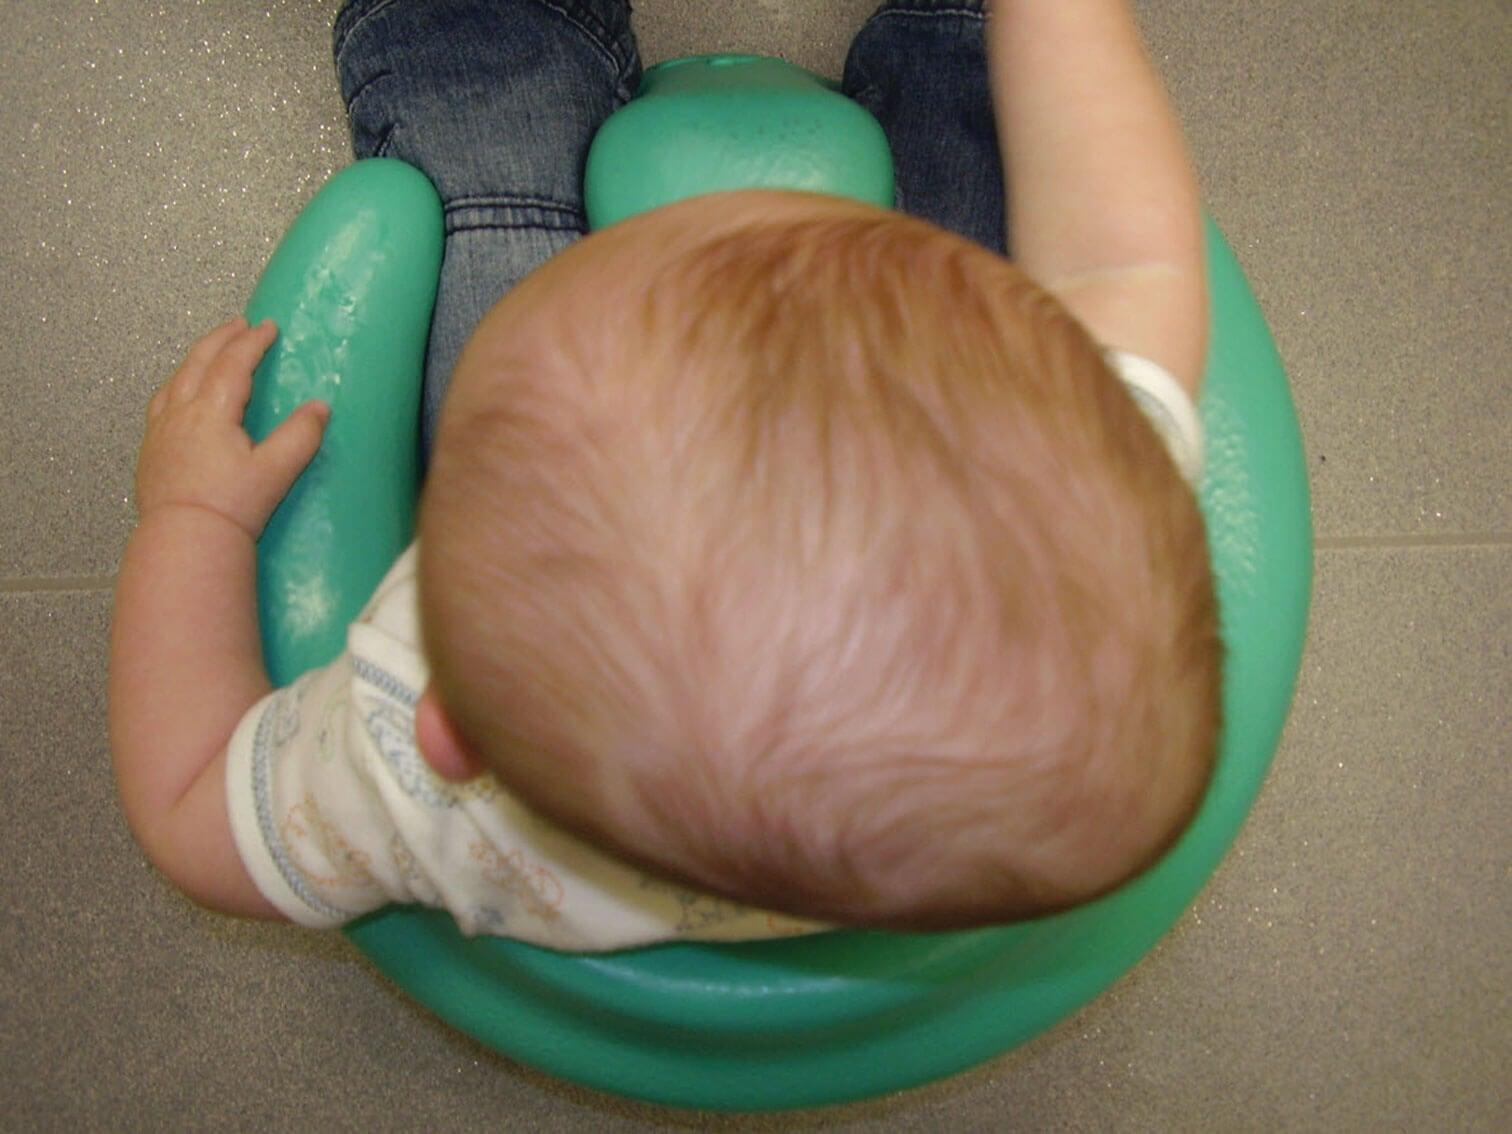 Le crâne d'un bébé qui présente le syndrome de la tête plate.